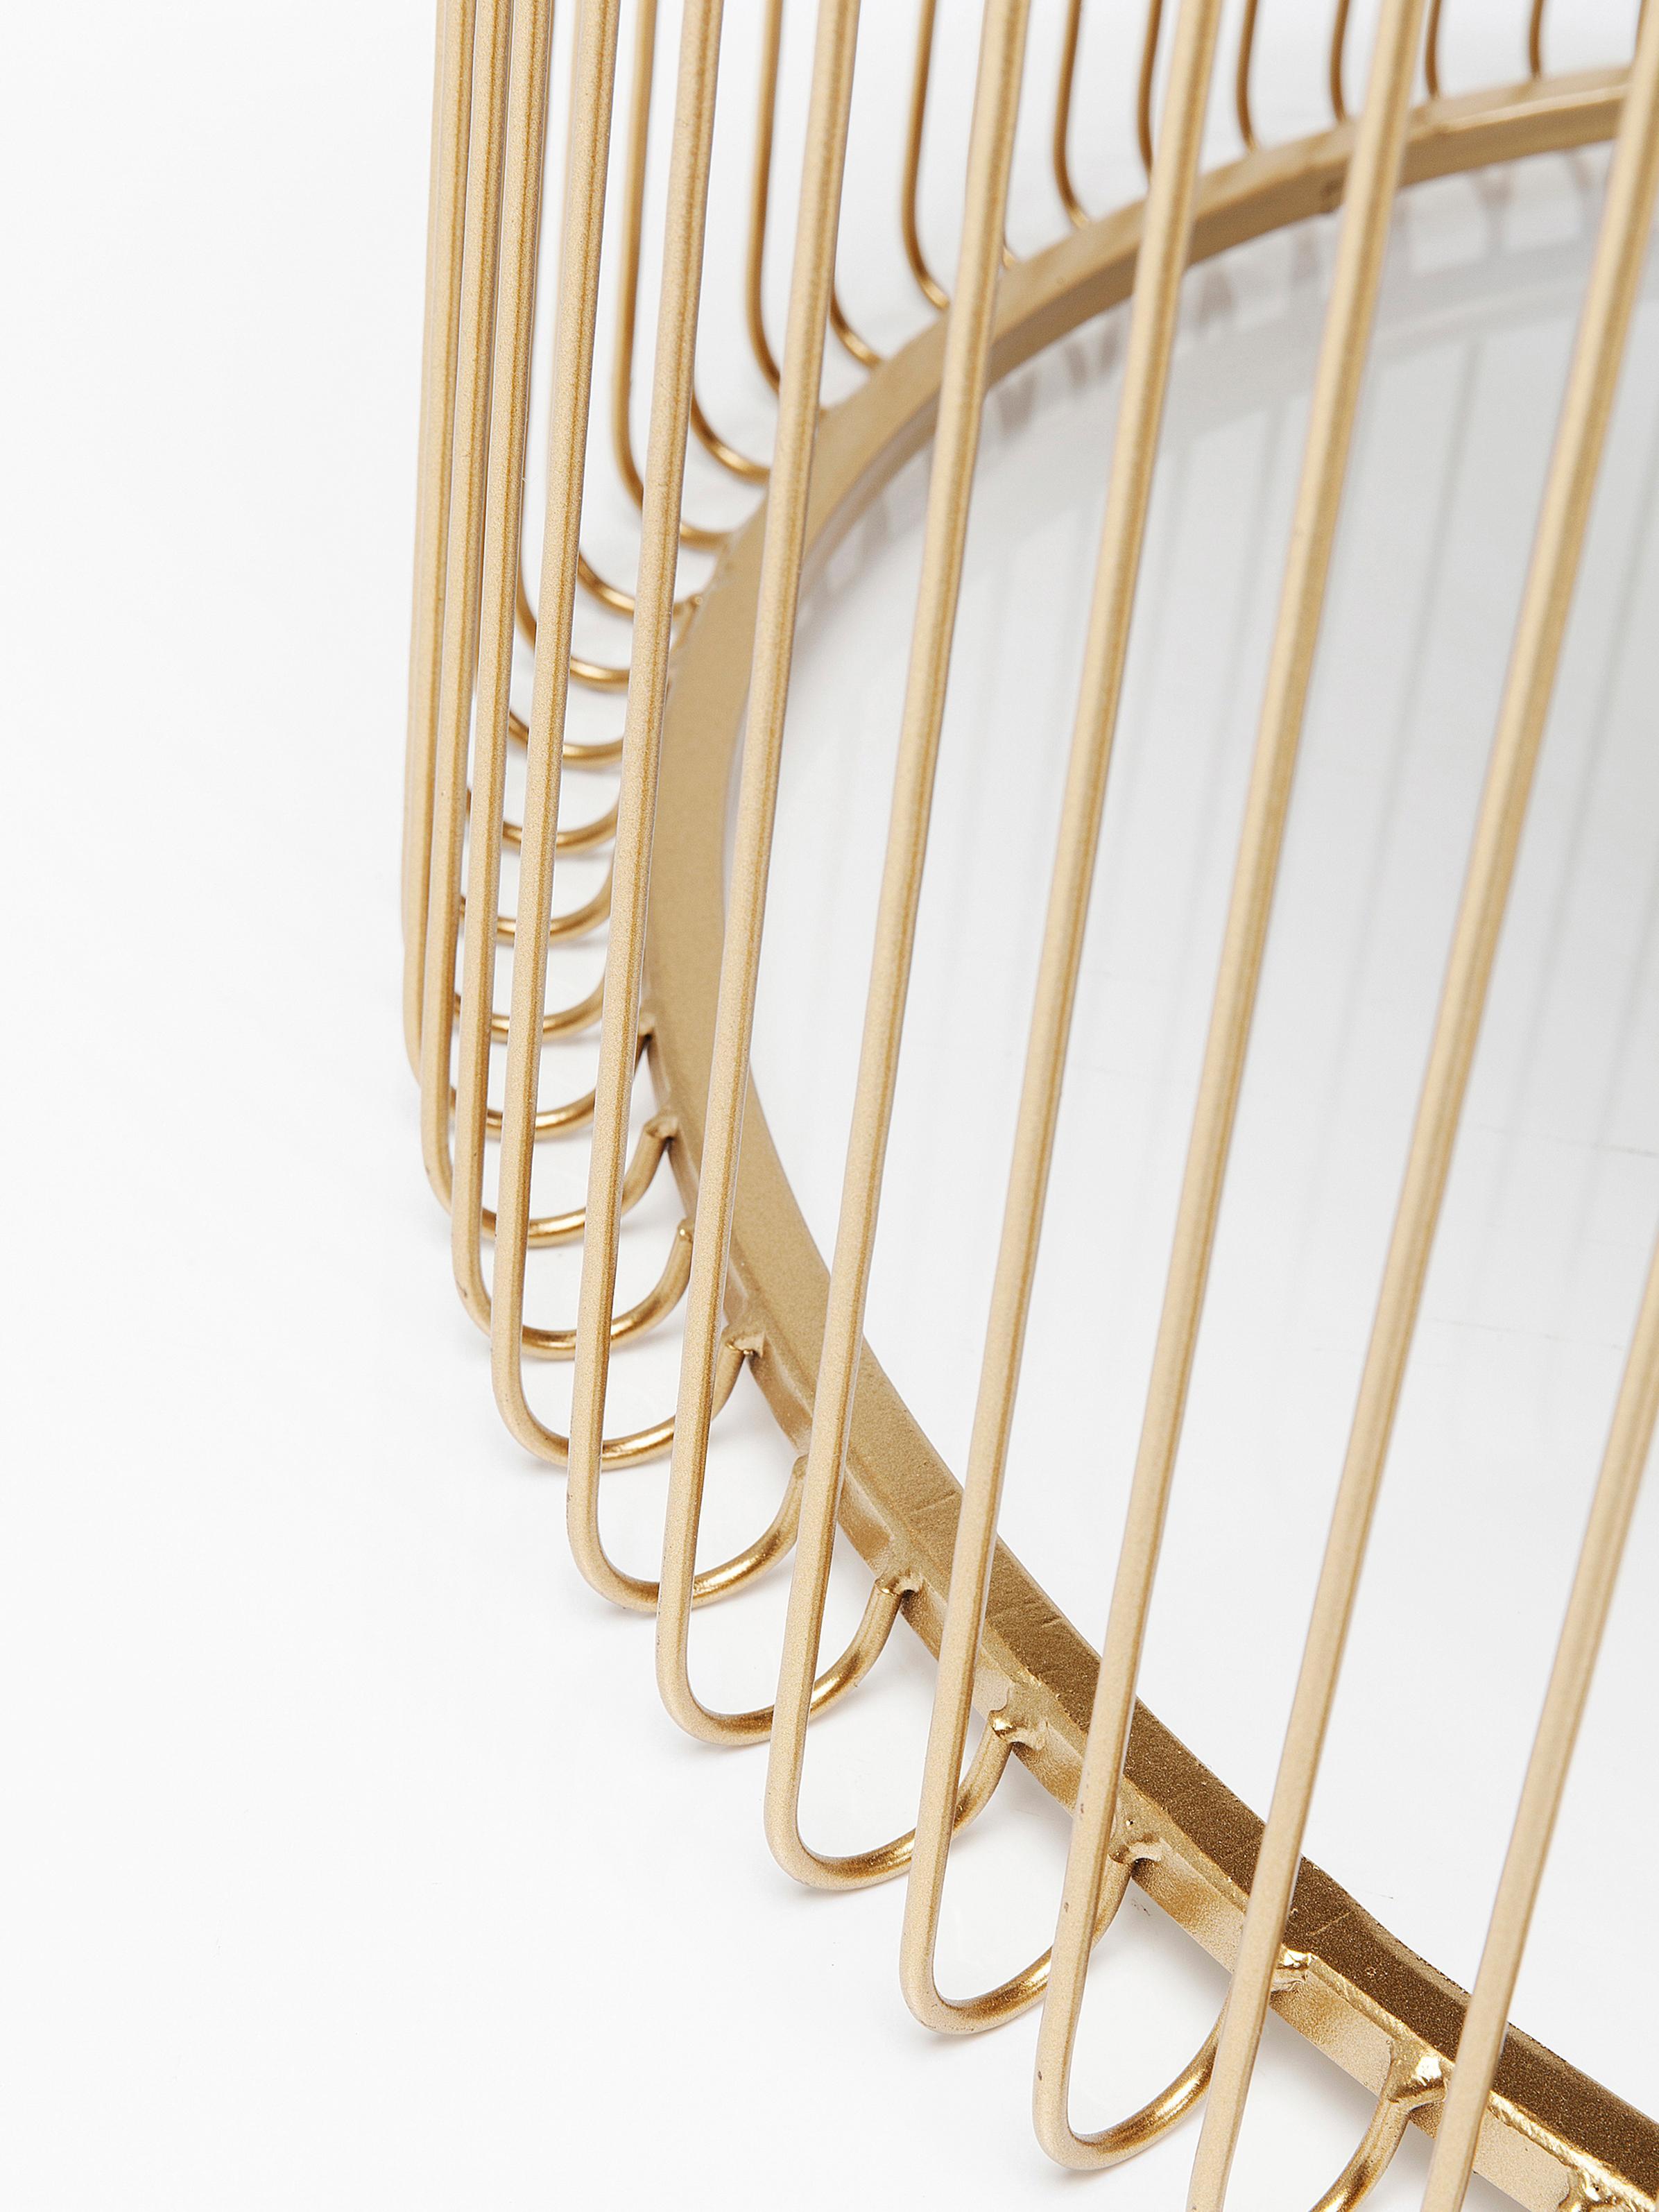 Metall-Couchtisch 2er-Set Wire mit Glasplatte, Gestell: Metall, pulverbeschichtet, Tischplatte: Sicherheitsglas, foliert, Gold, Set mit verschiedenen Grössen